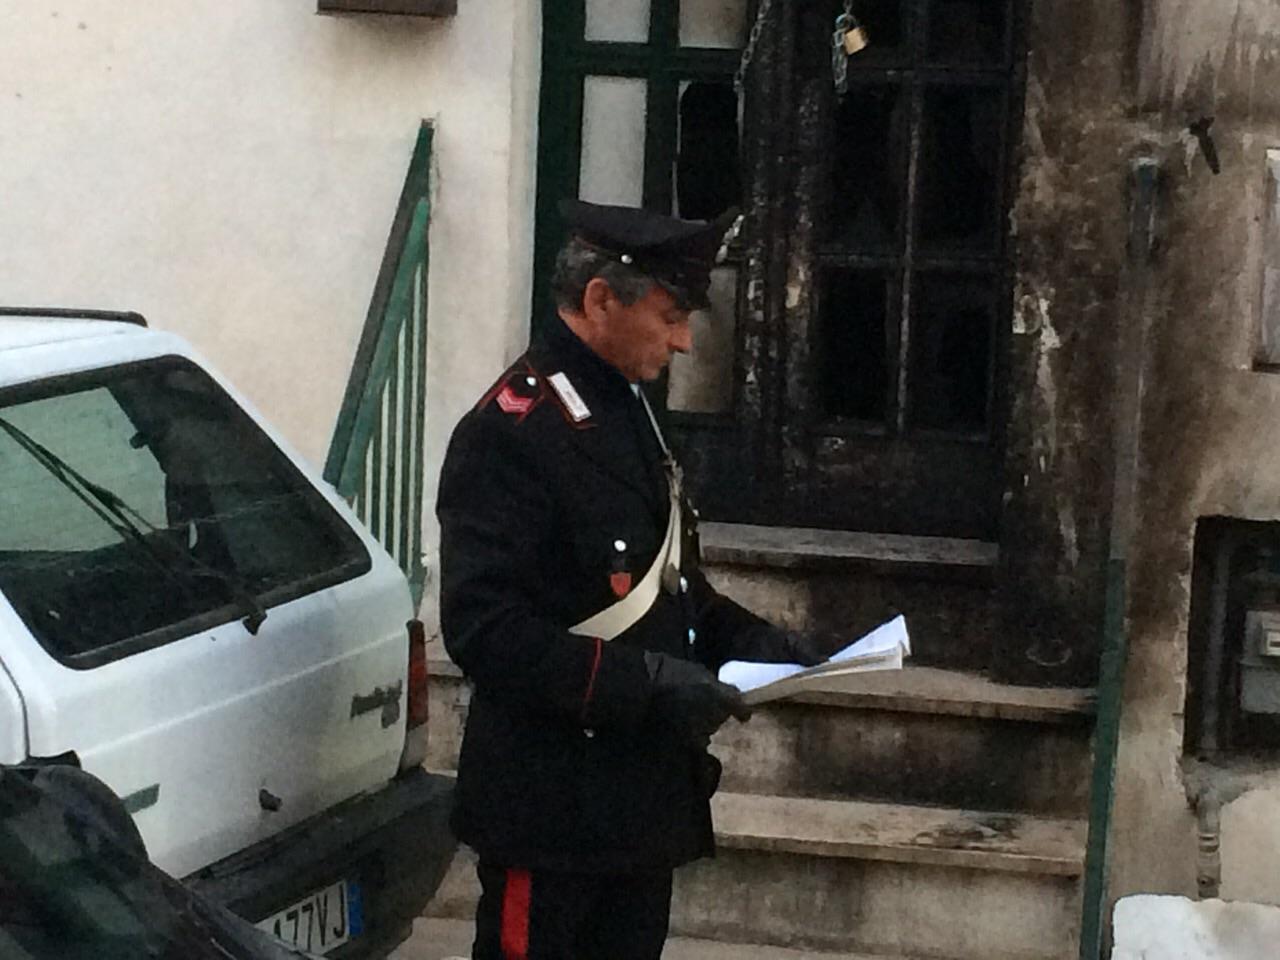 Intervento di Carabinieri e pompieri a Solopaca per un incendio in abitazione di anziani coniugi